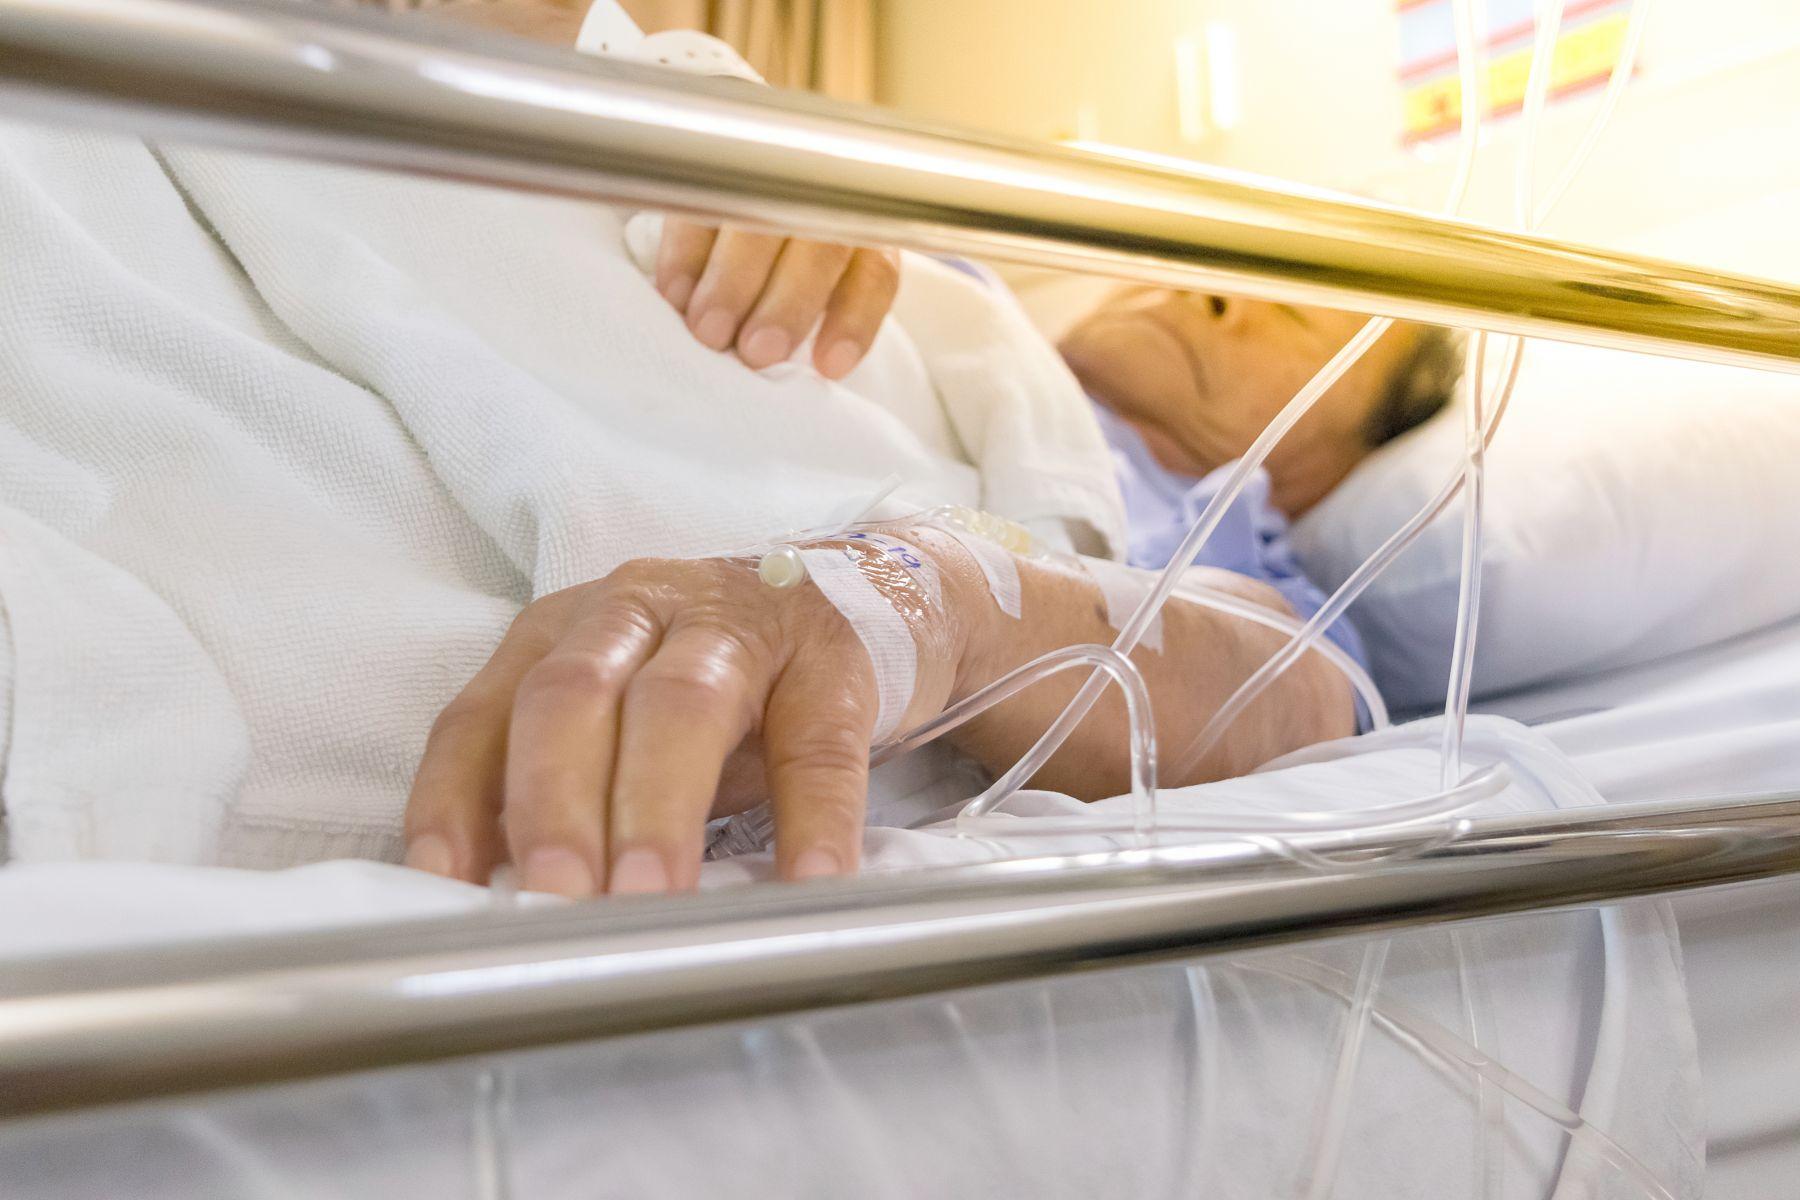 癌症末期不代表死亡!他被醫師宣判癌末只剩1年,最後竟多活了很多年